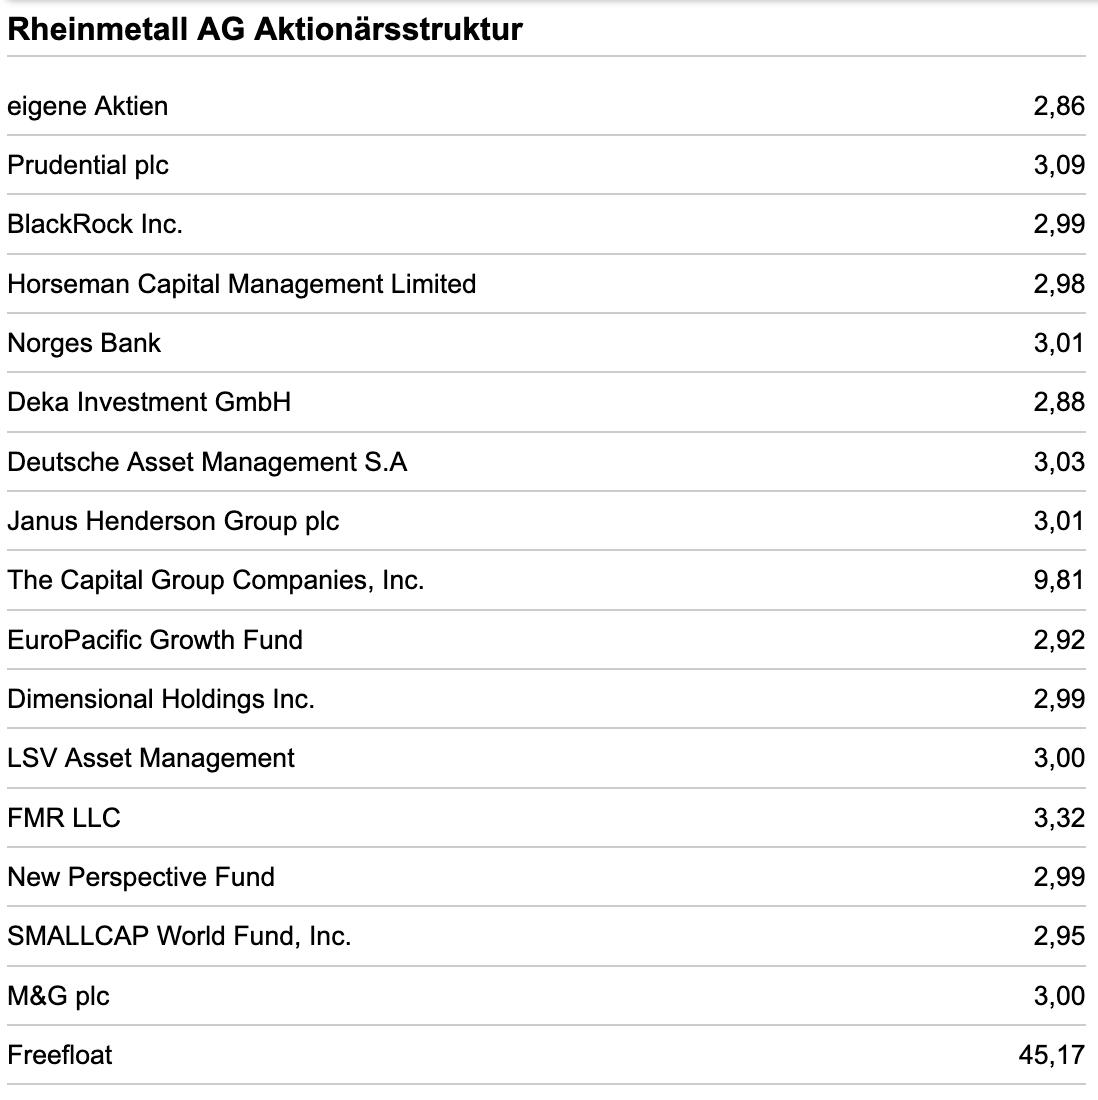 Rheinmetall Aktionärsstruktur